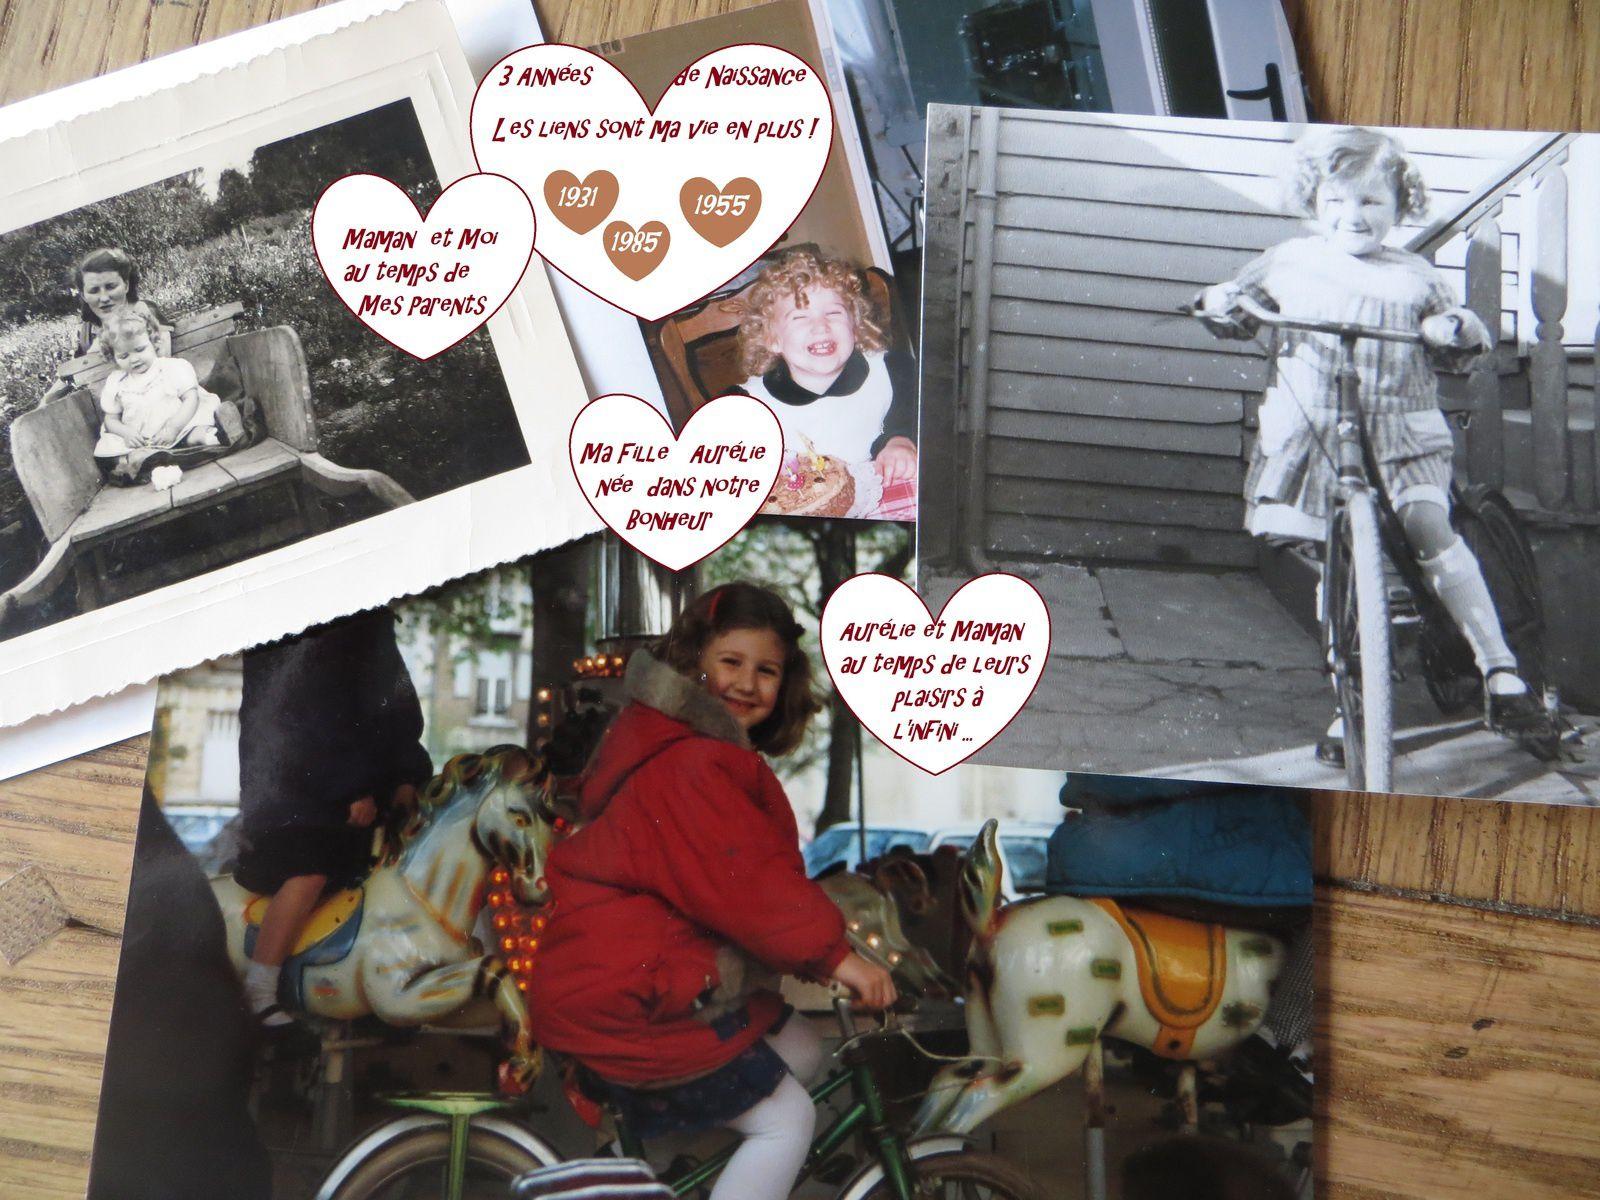 y'a des années qui seront toujours làààààààà .... mais y'en a toujours eu de l'Amour en sachant vivre de nos passionnantes aventures !